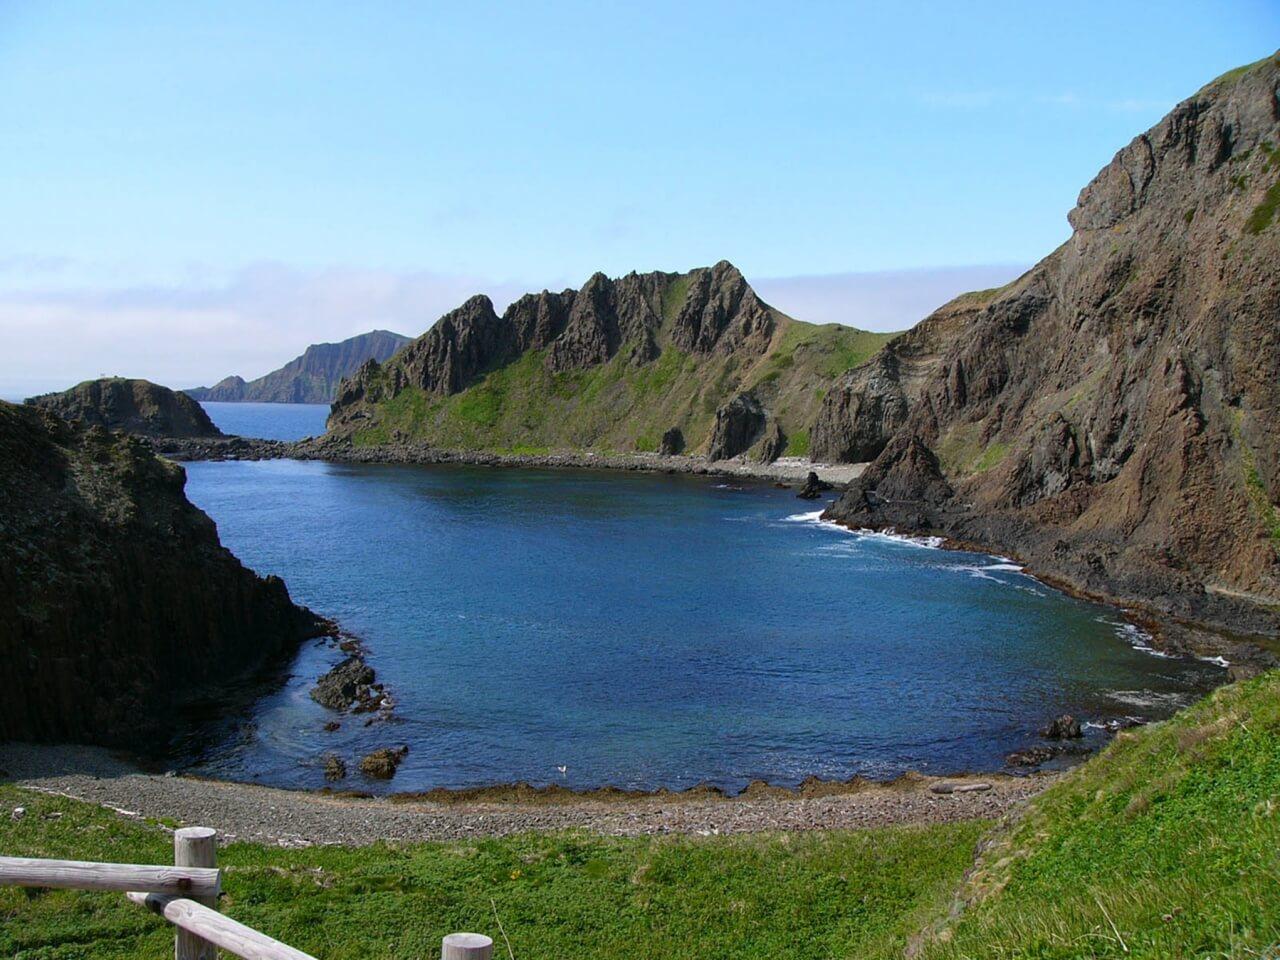 澄海岬:眺望日本最北端島嶼禮文島的鈷藍海岸